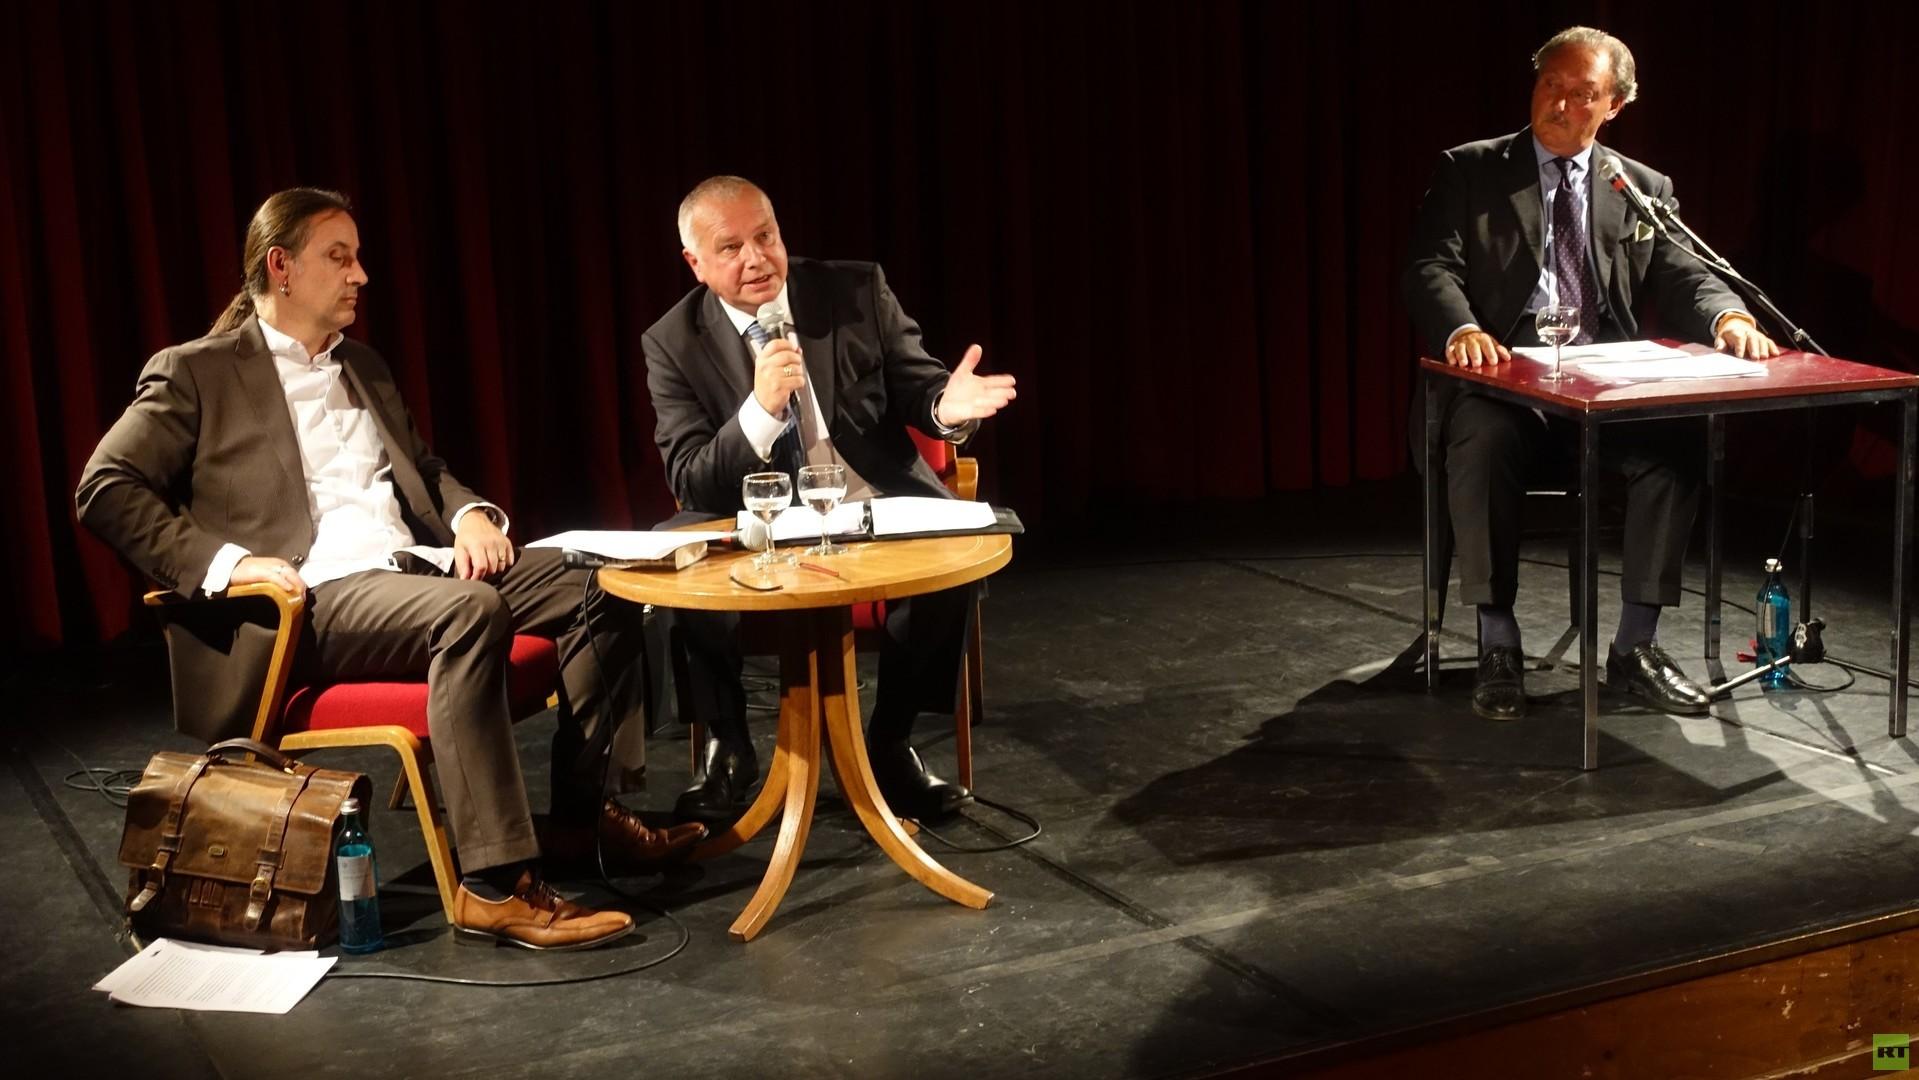 """Politthriller des Jahres? Alexander Rahr stellt sein neues Buch """"2054 – Putin decodiert"""" vor (Video)"""